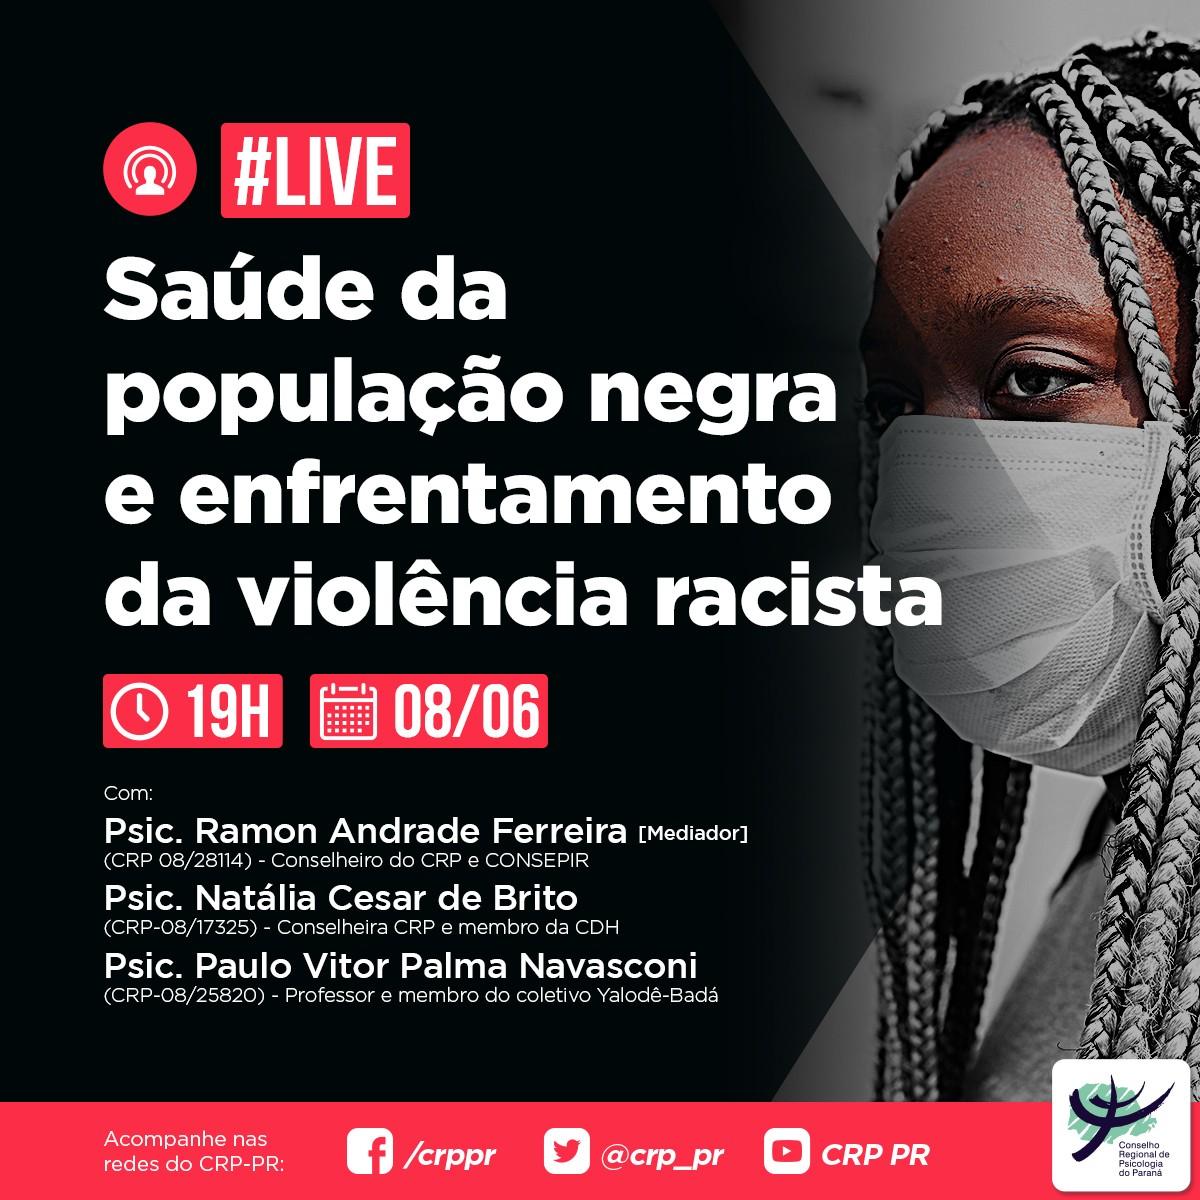 Live | Saúde da população negra e enfrentamento da violência racista